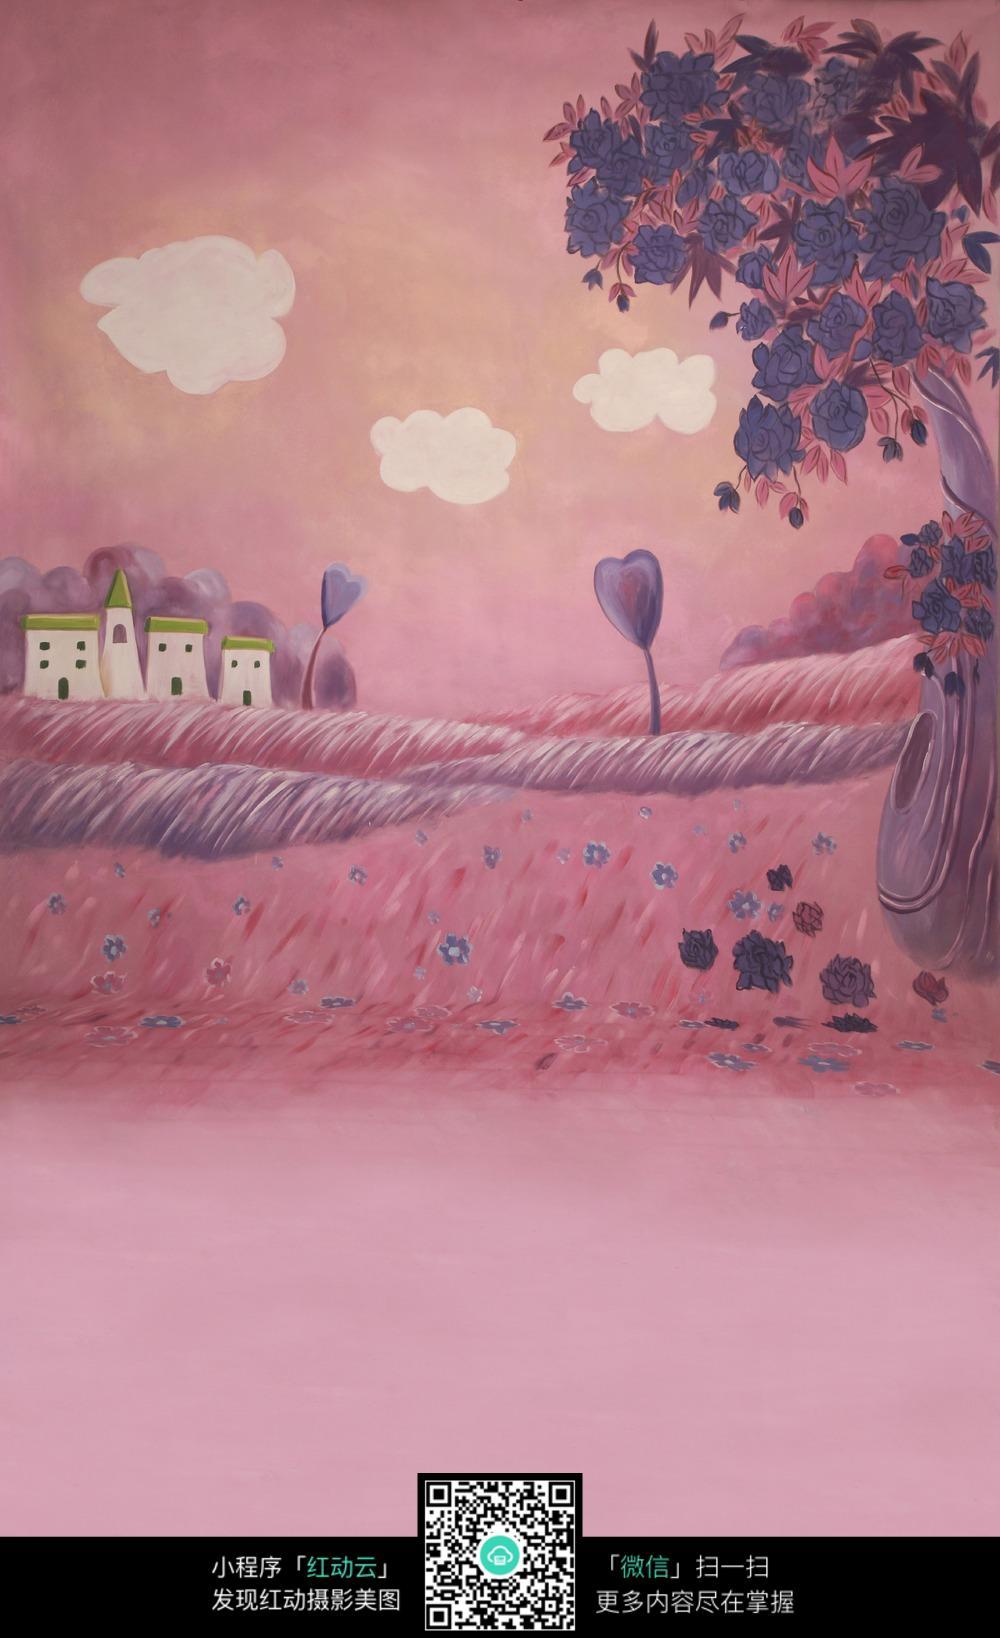 免费素材 图片素材 背景花边 其他 > 手绘风景图图片  暖色背景